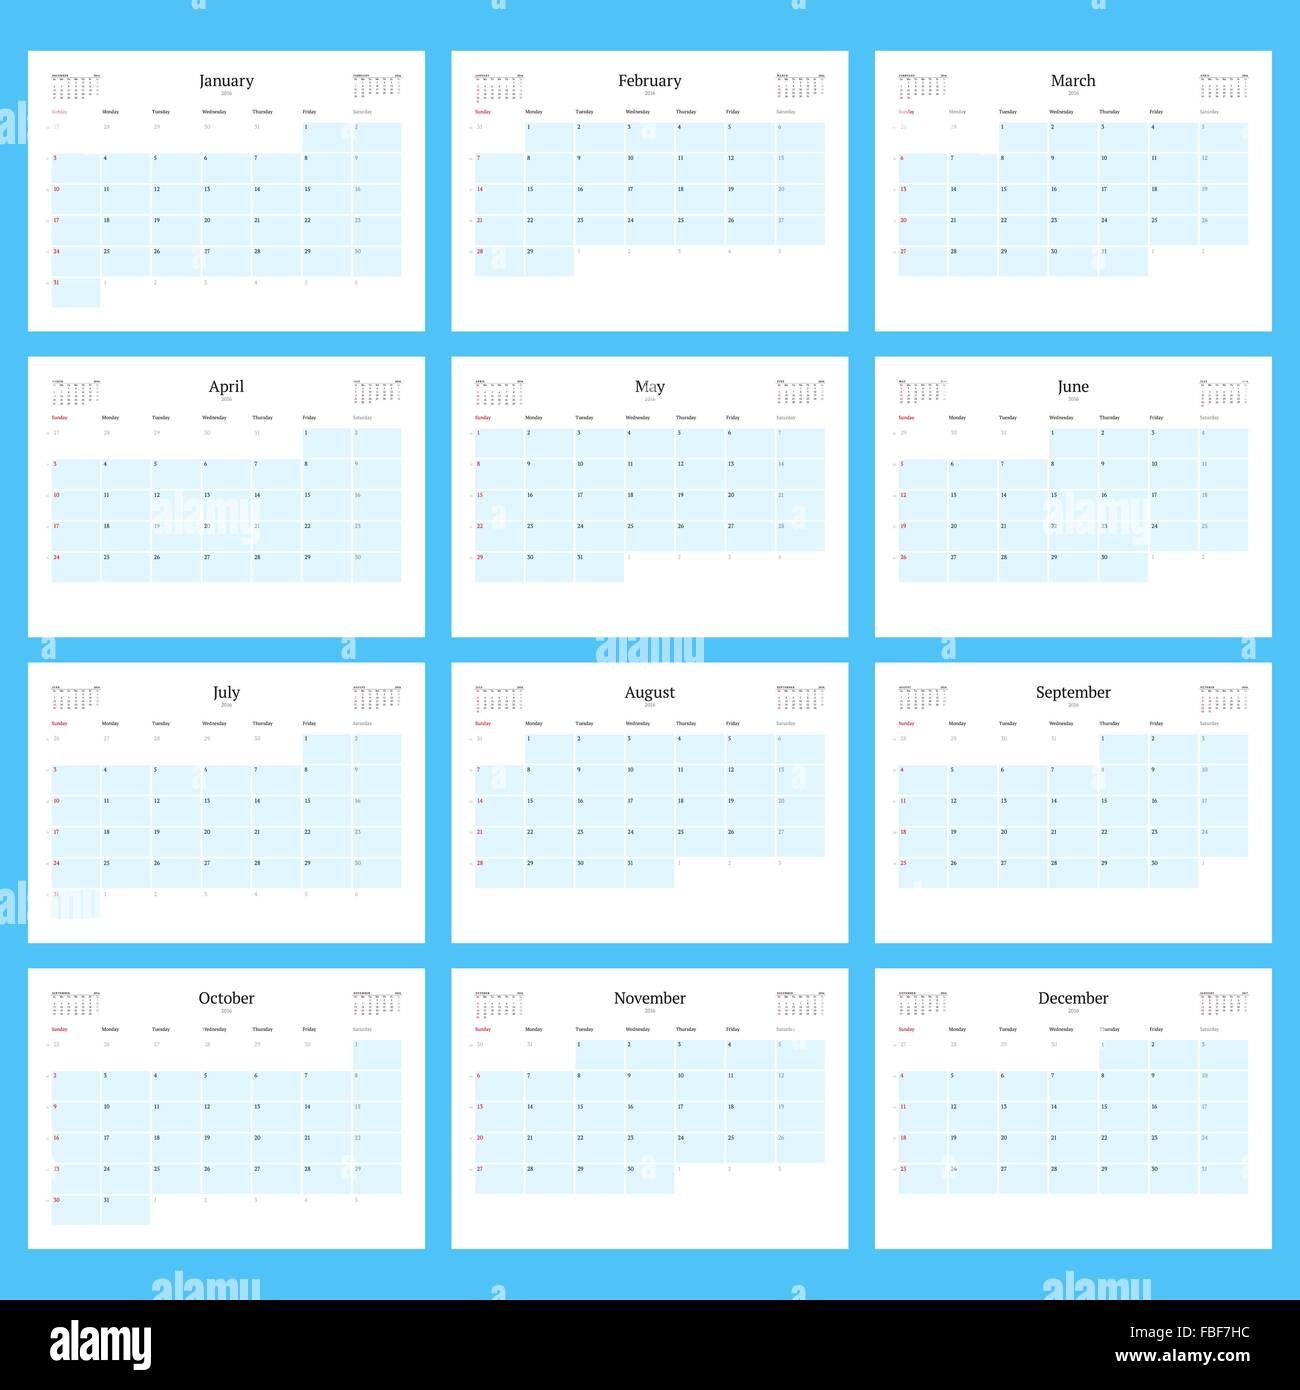 12 Months Calendar Stockfotos & 12 Months Calendar Bilder - Alamy